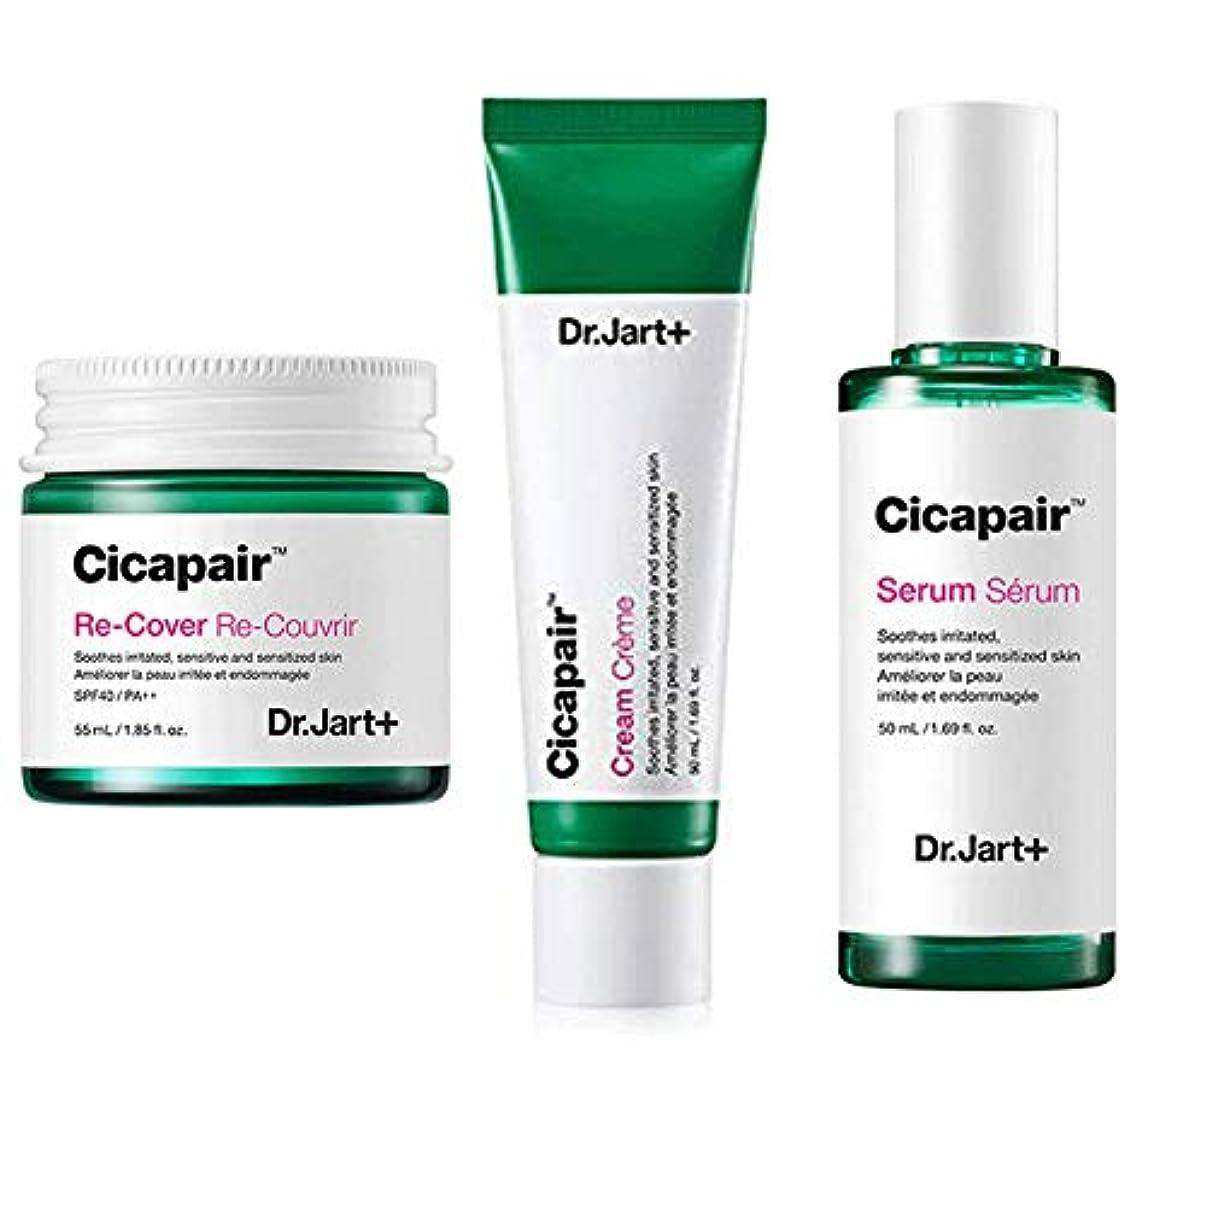 トラップ保育園輝度Dr.Jart+ Cicapair Cream + ReCover + Serum ドクタージャルトシカペアクリーム50ml + リカバー 55ml + セラム 50ml(2代目) セット [並行輸入品]